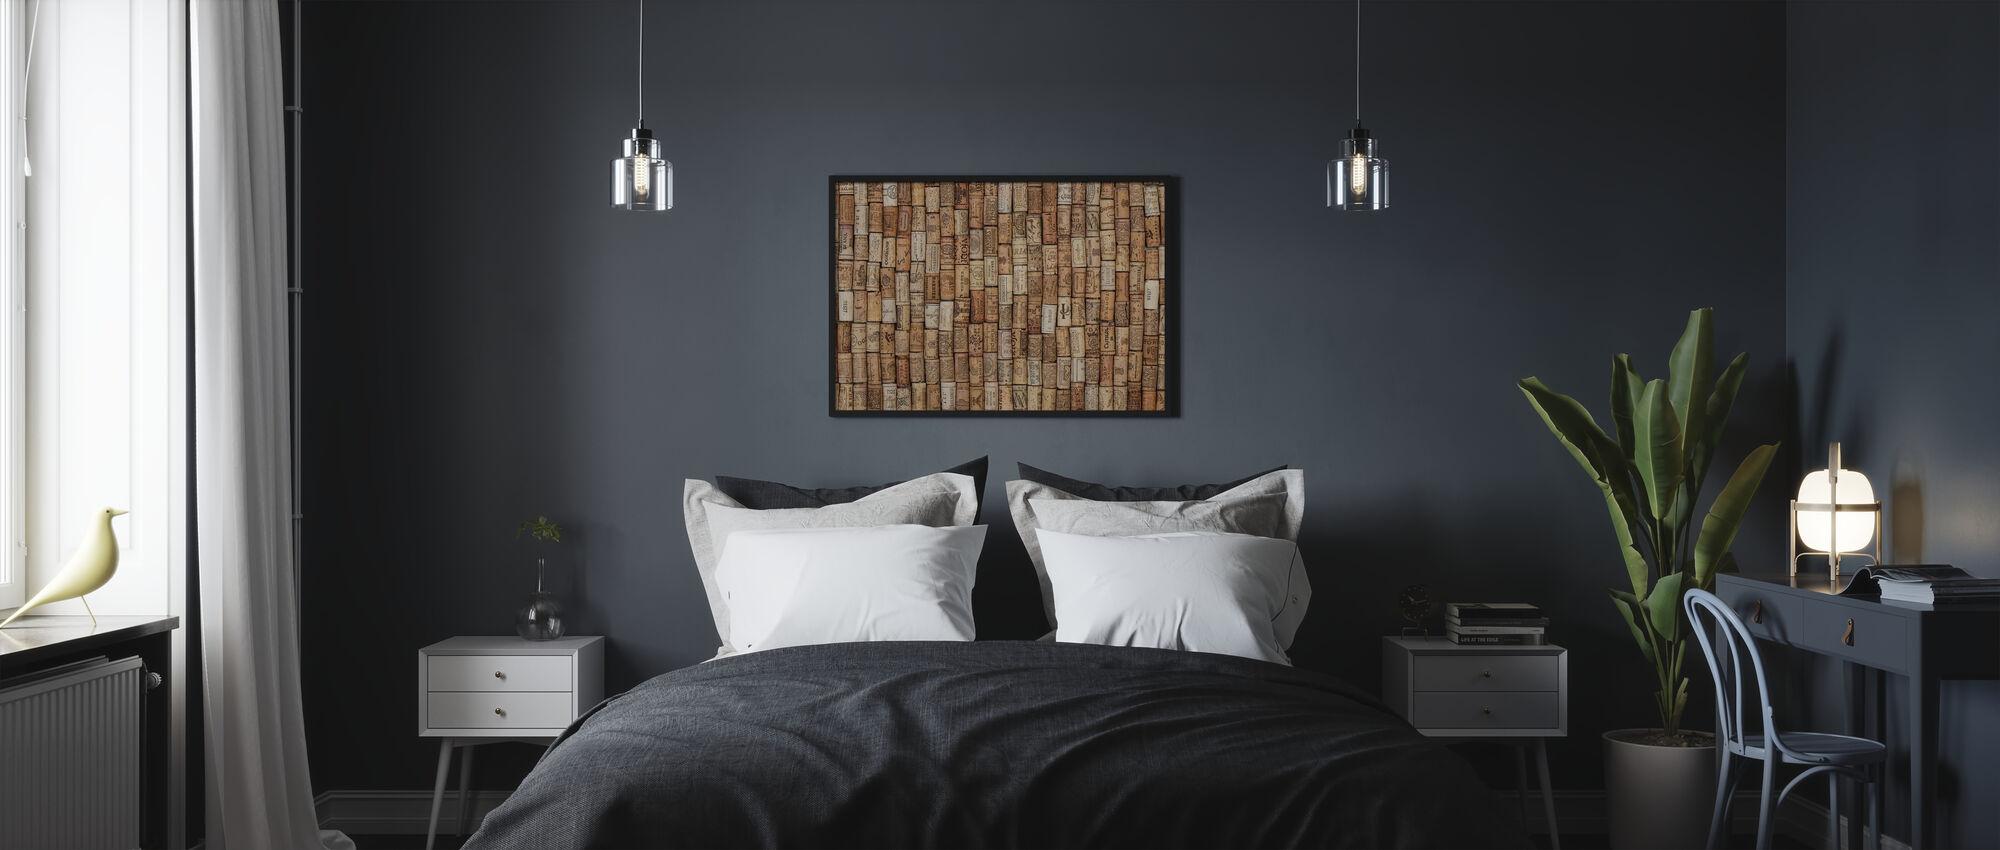 Kork - Poster - Schlafzimmer